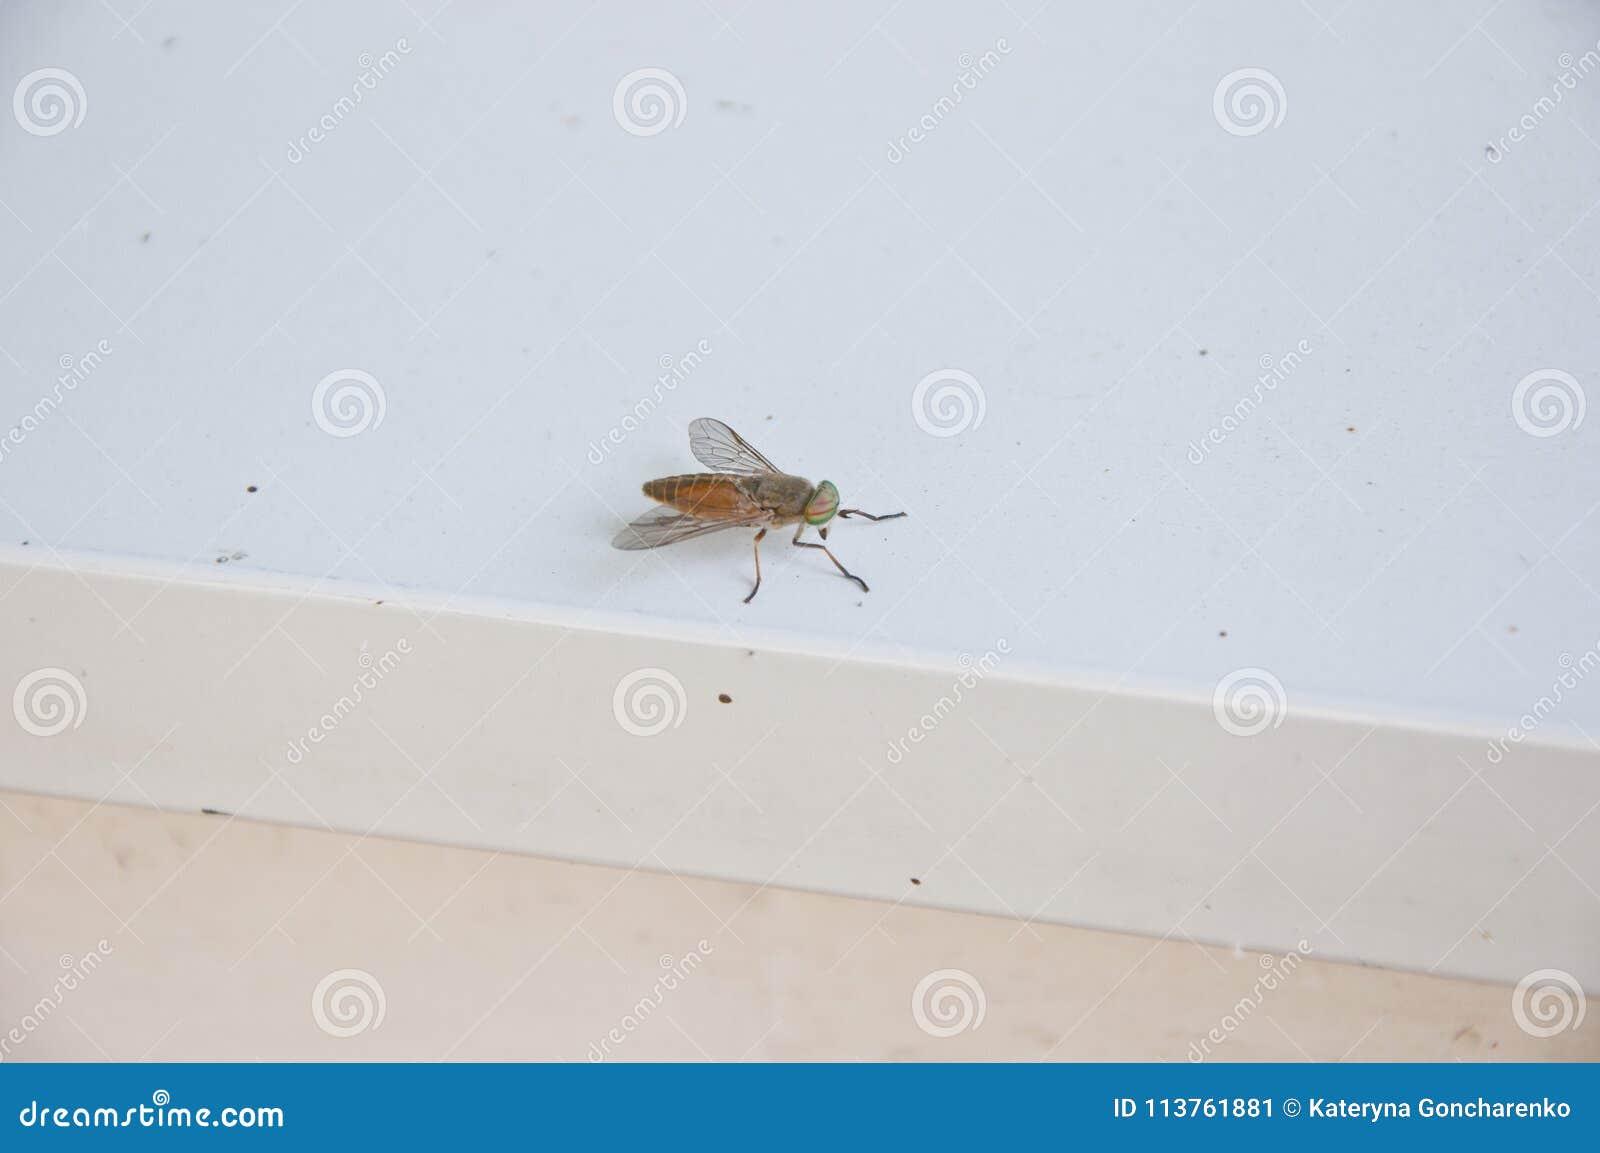 Plan de maison d insectes ventana blog - Maison a insectes plan ...